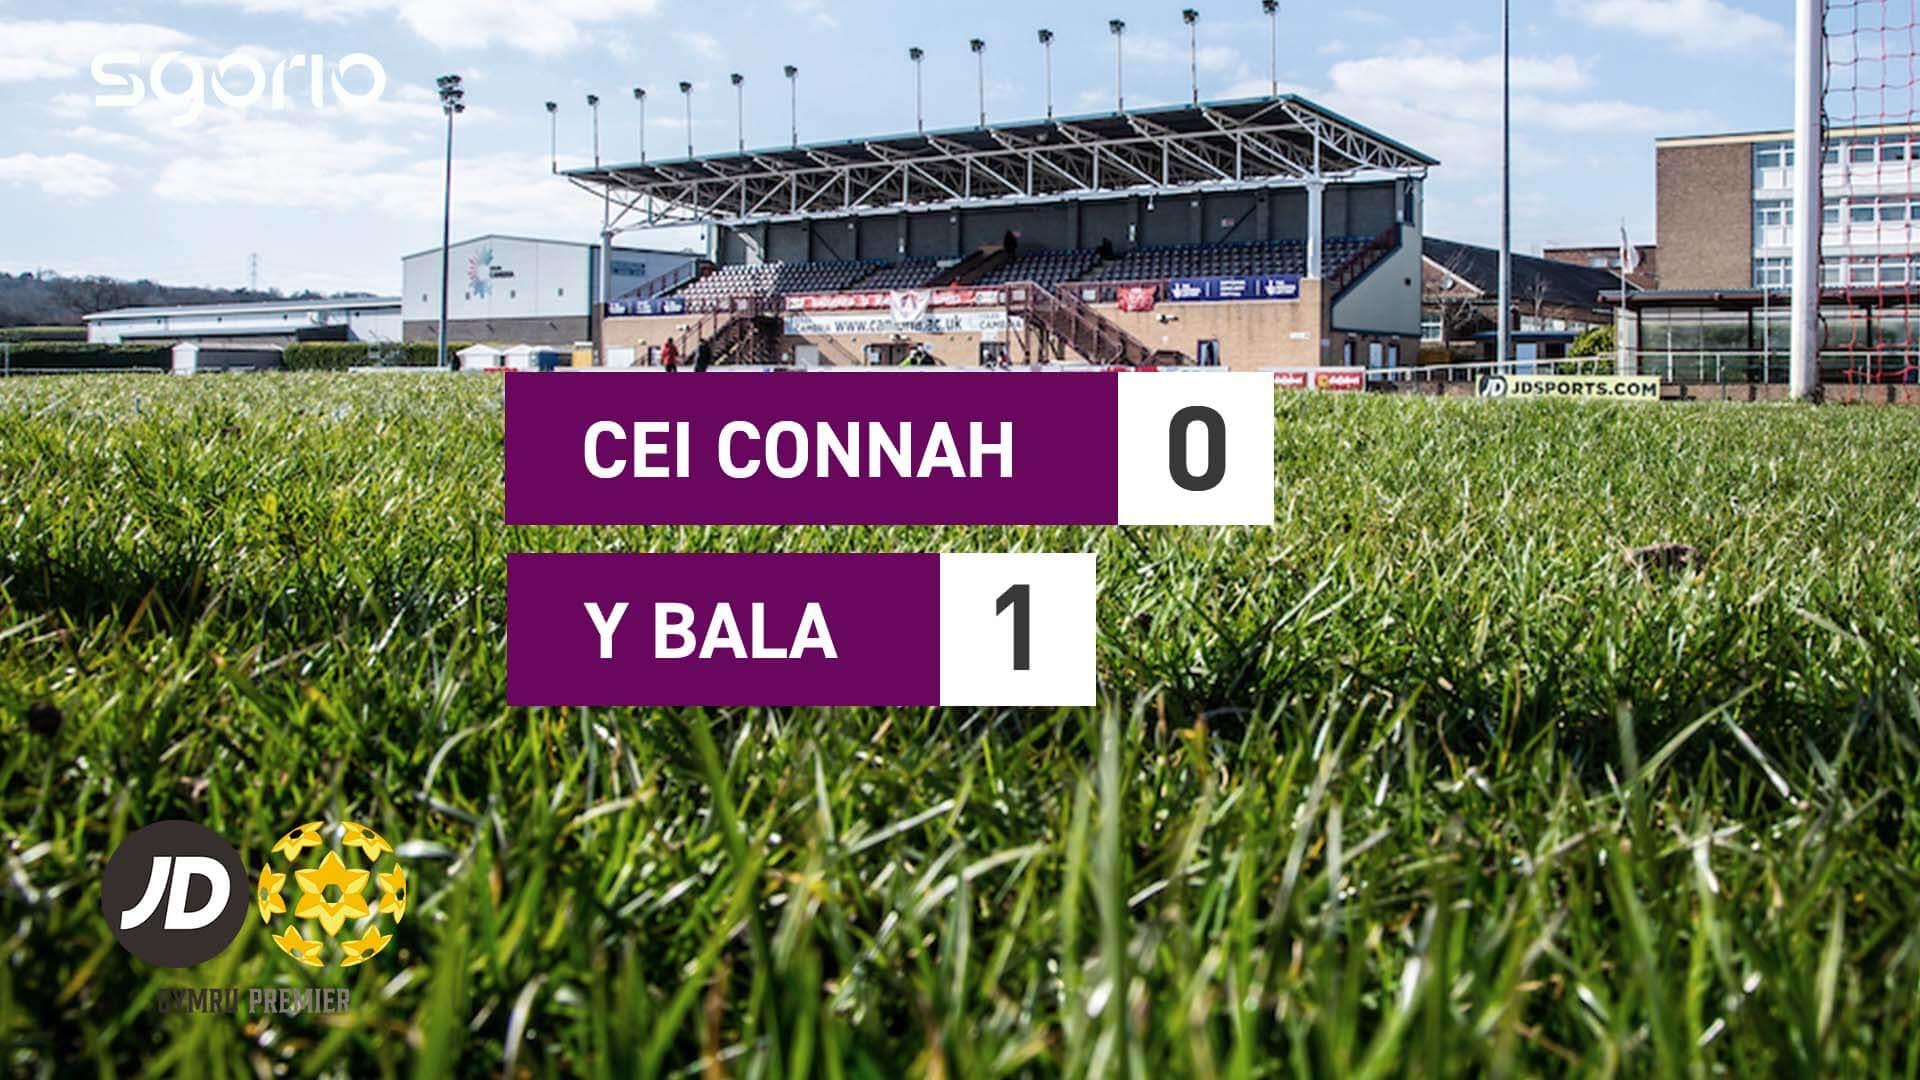 Cei Connah 0-1 Y Bala